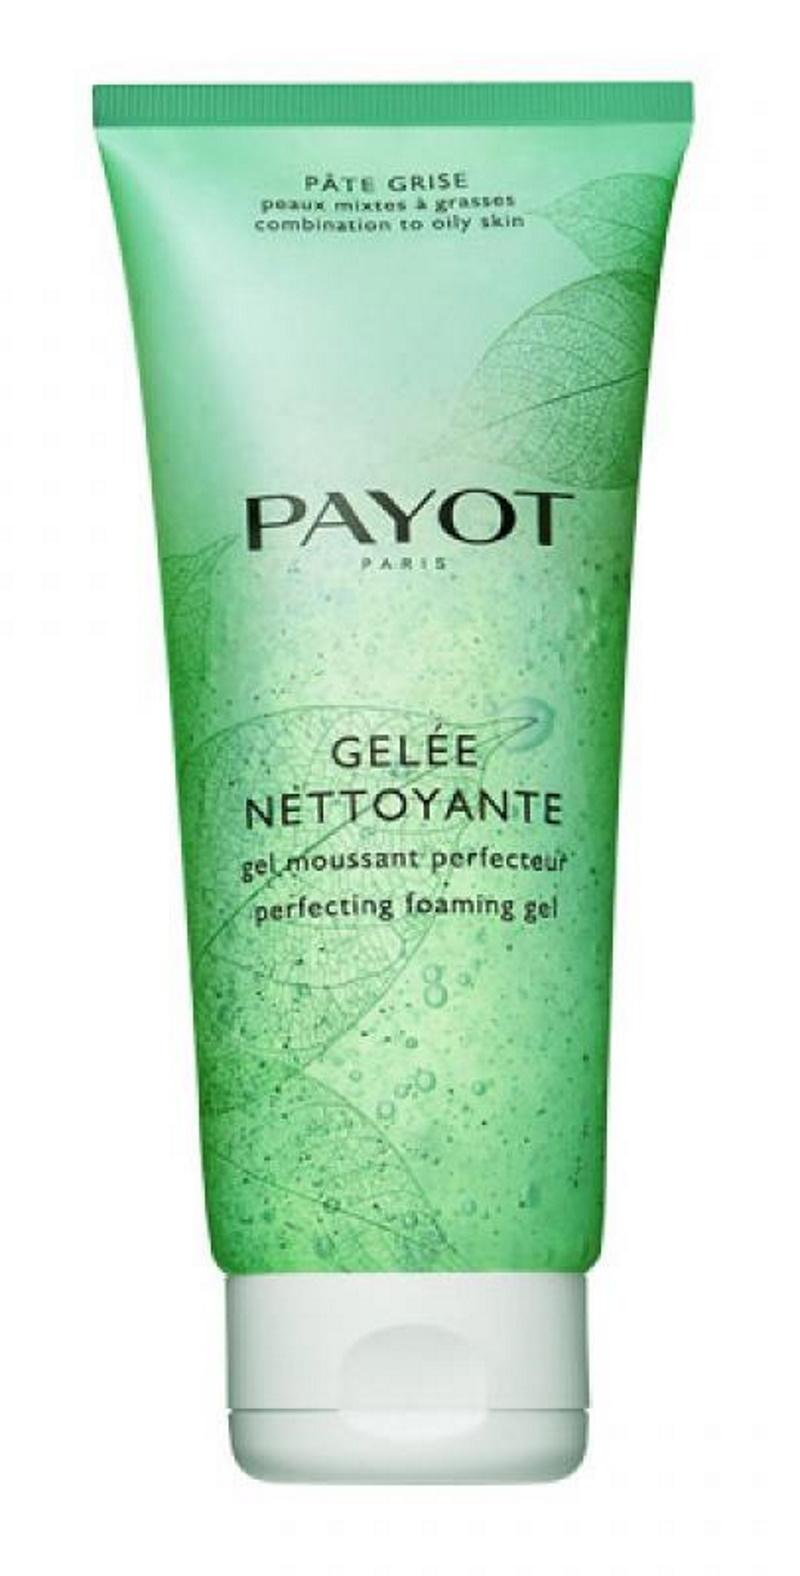 Payot Pate Grise, гель для жирной и комбинированной кожи